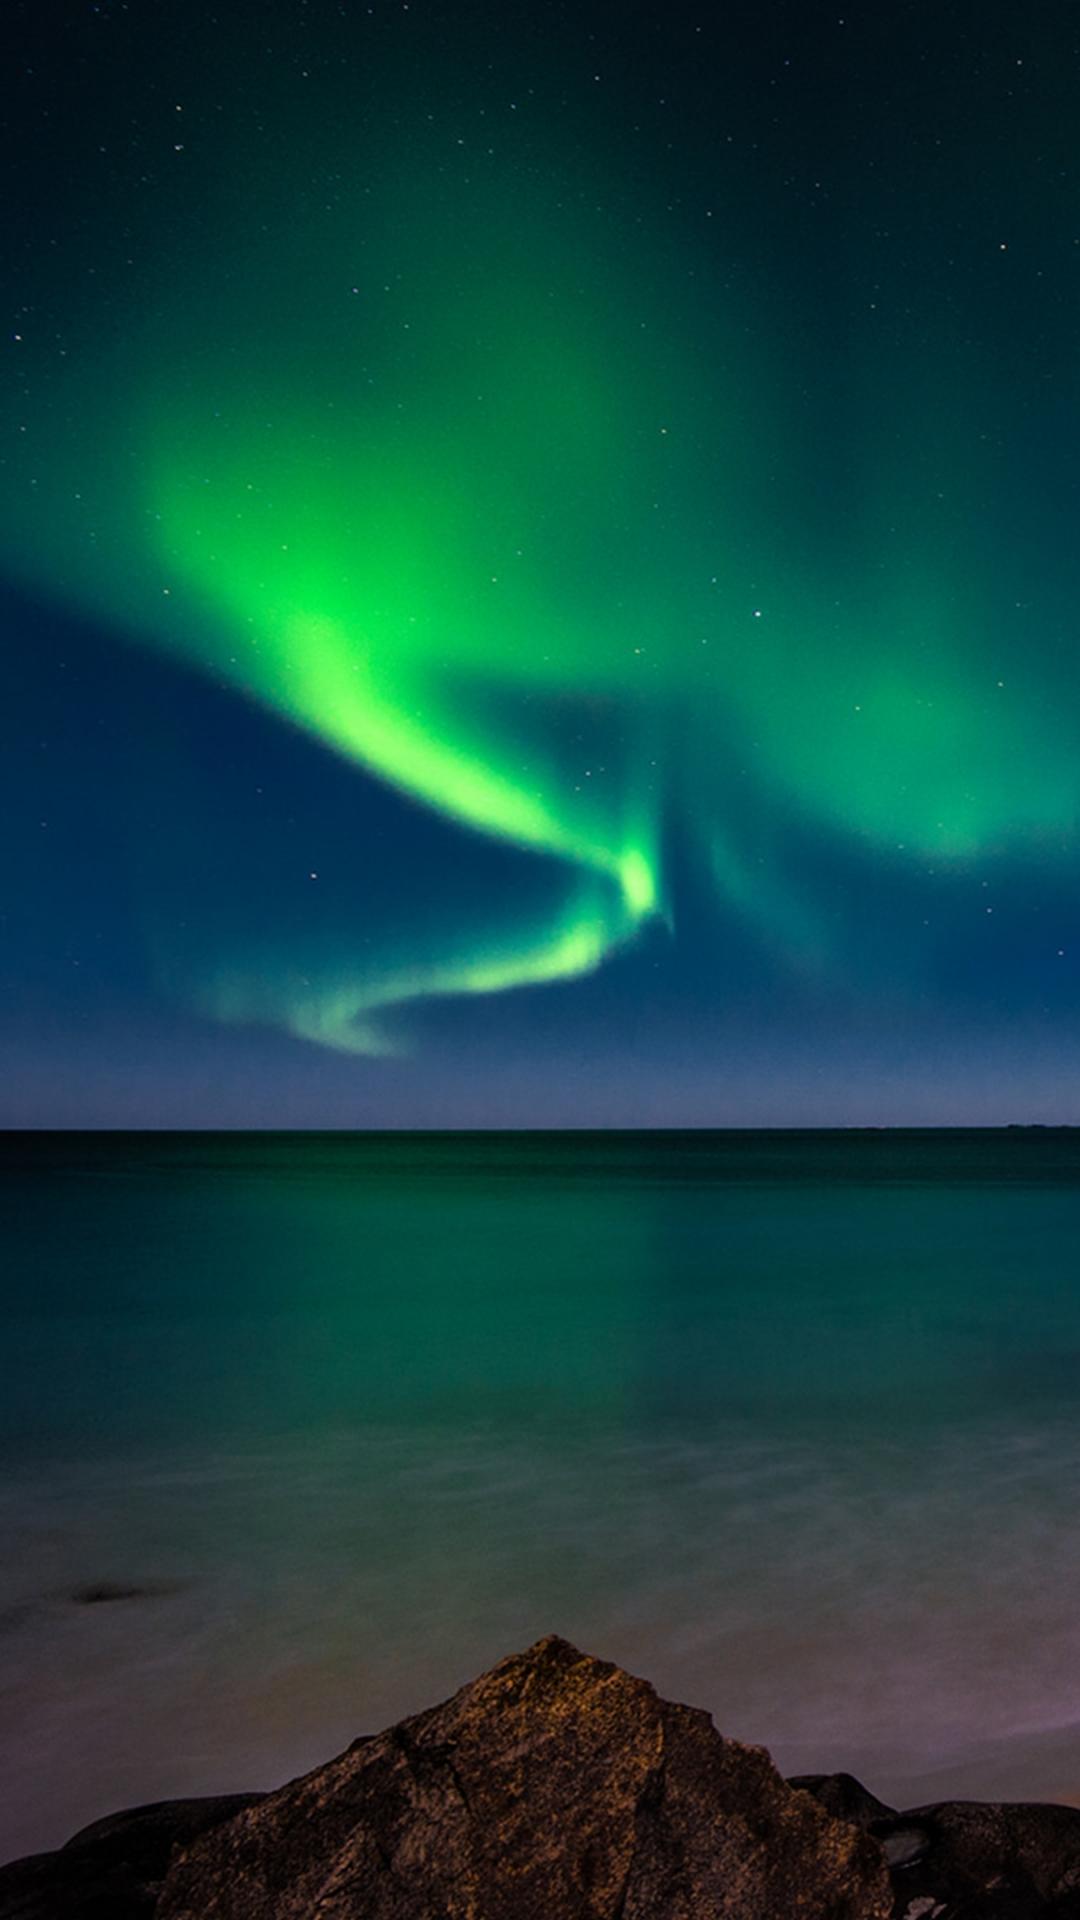 Aurora Borealis Wallpaper Hd - WallpaperSafari